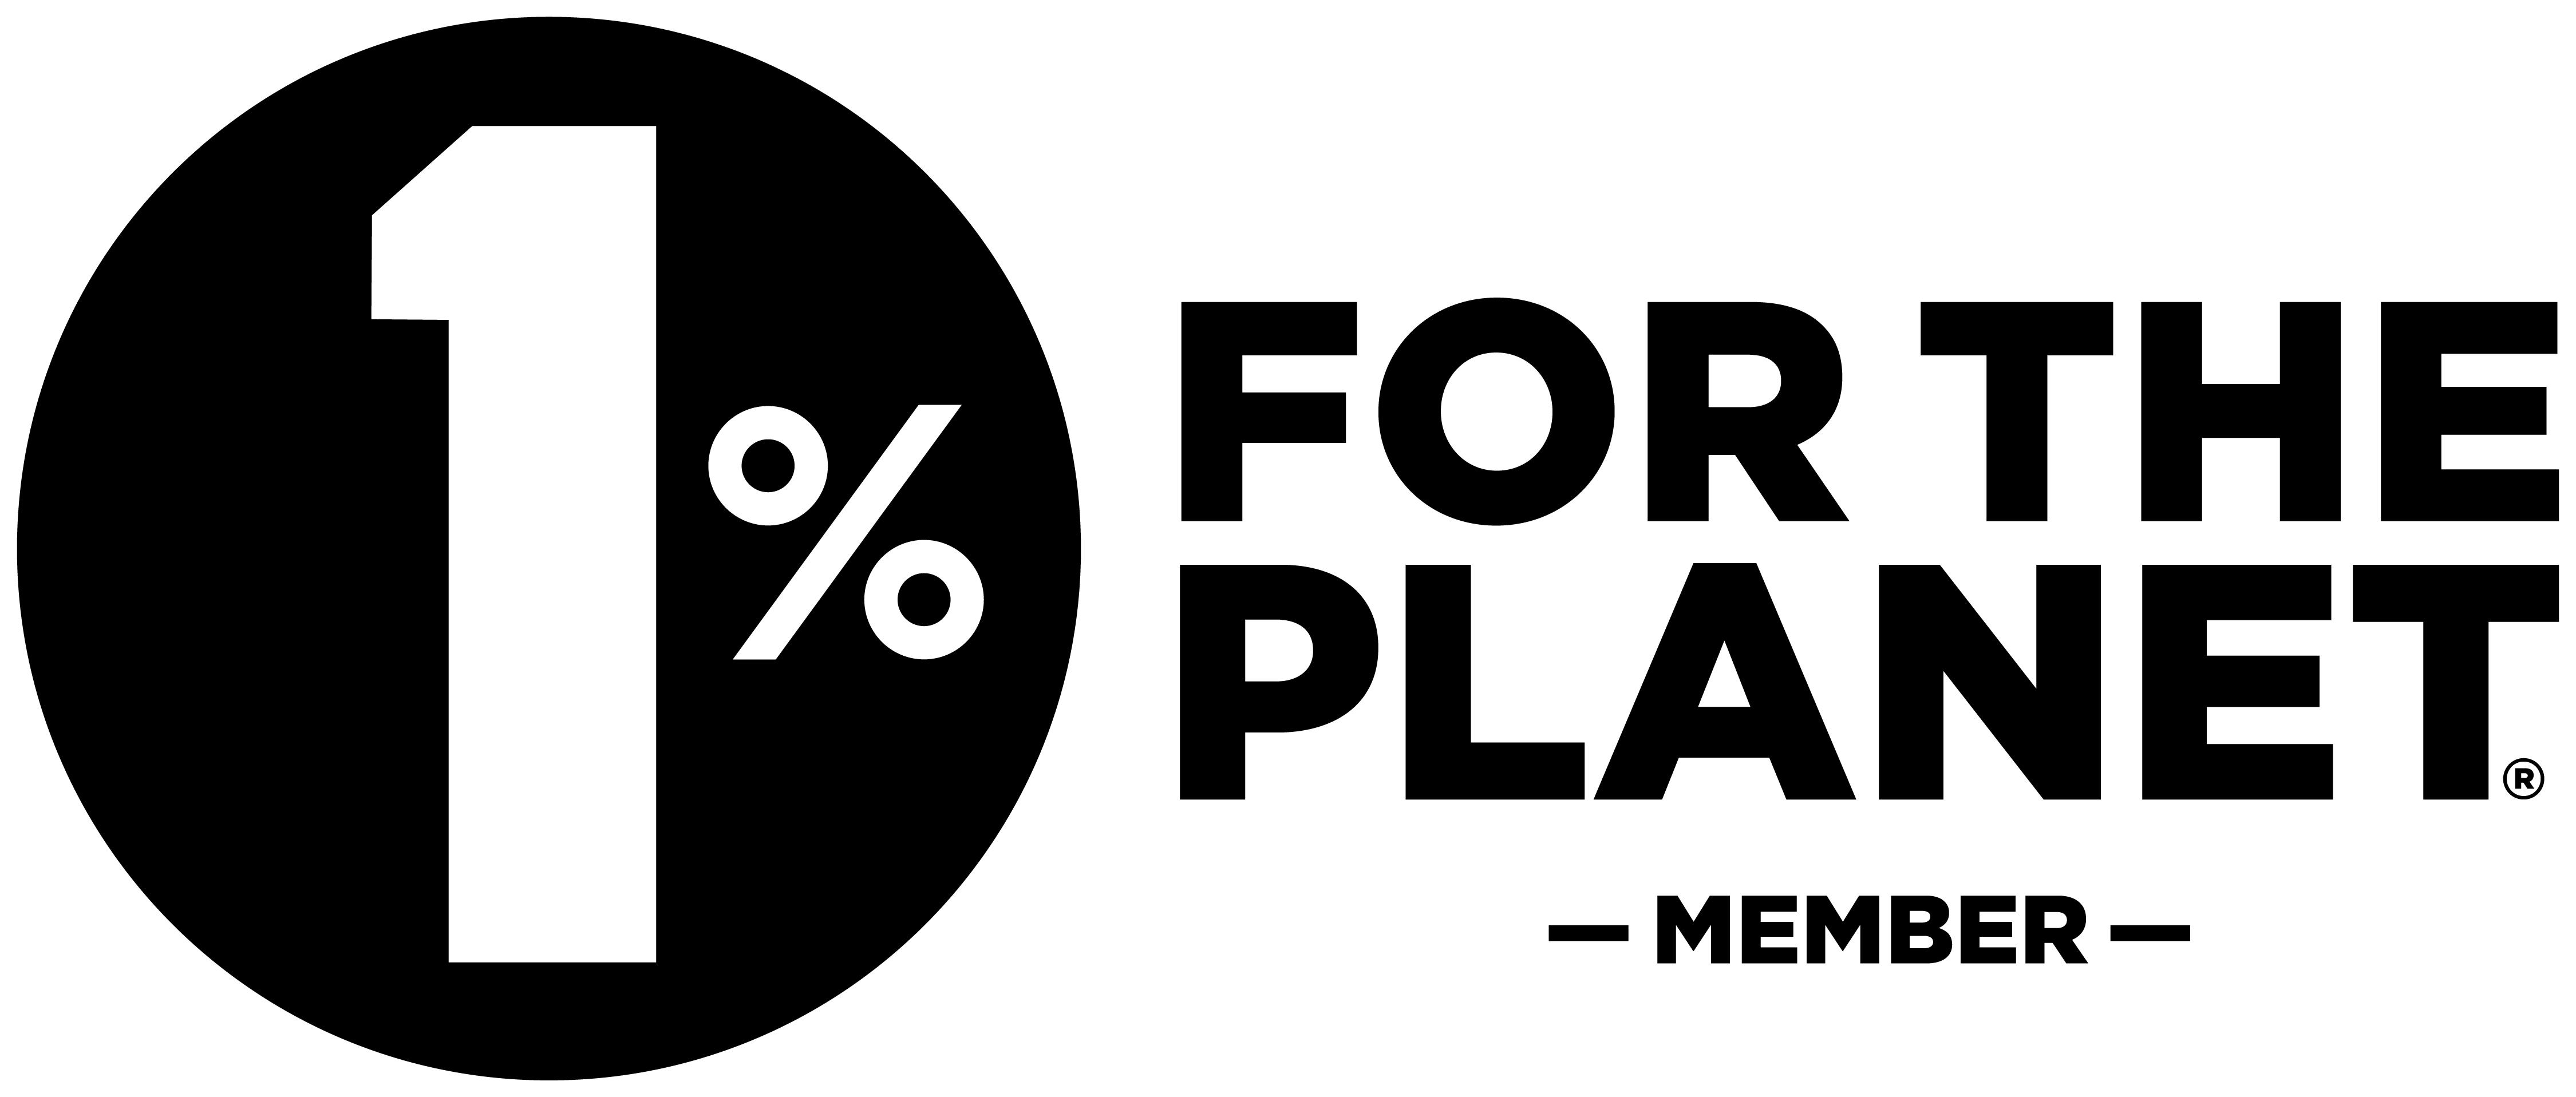 Azada ist ein Mitglied von 1% For the Planet!